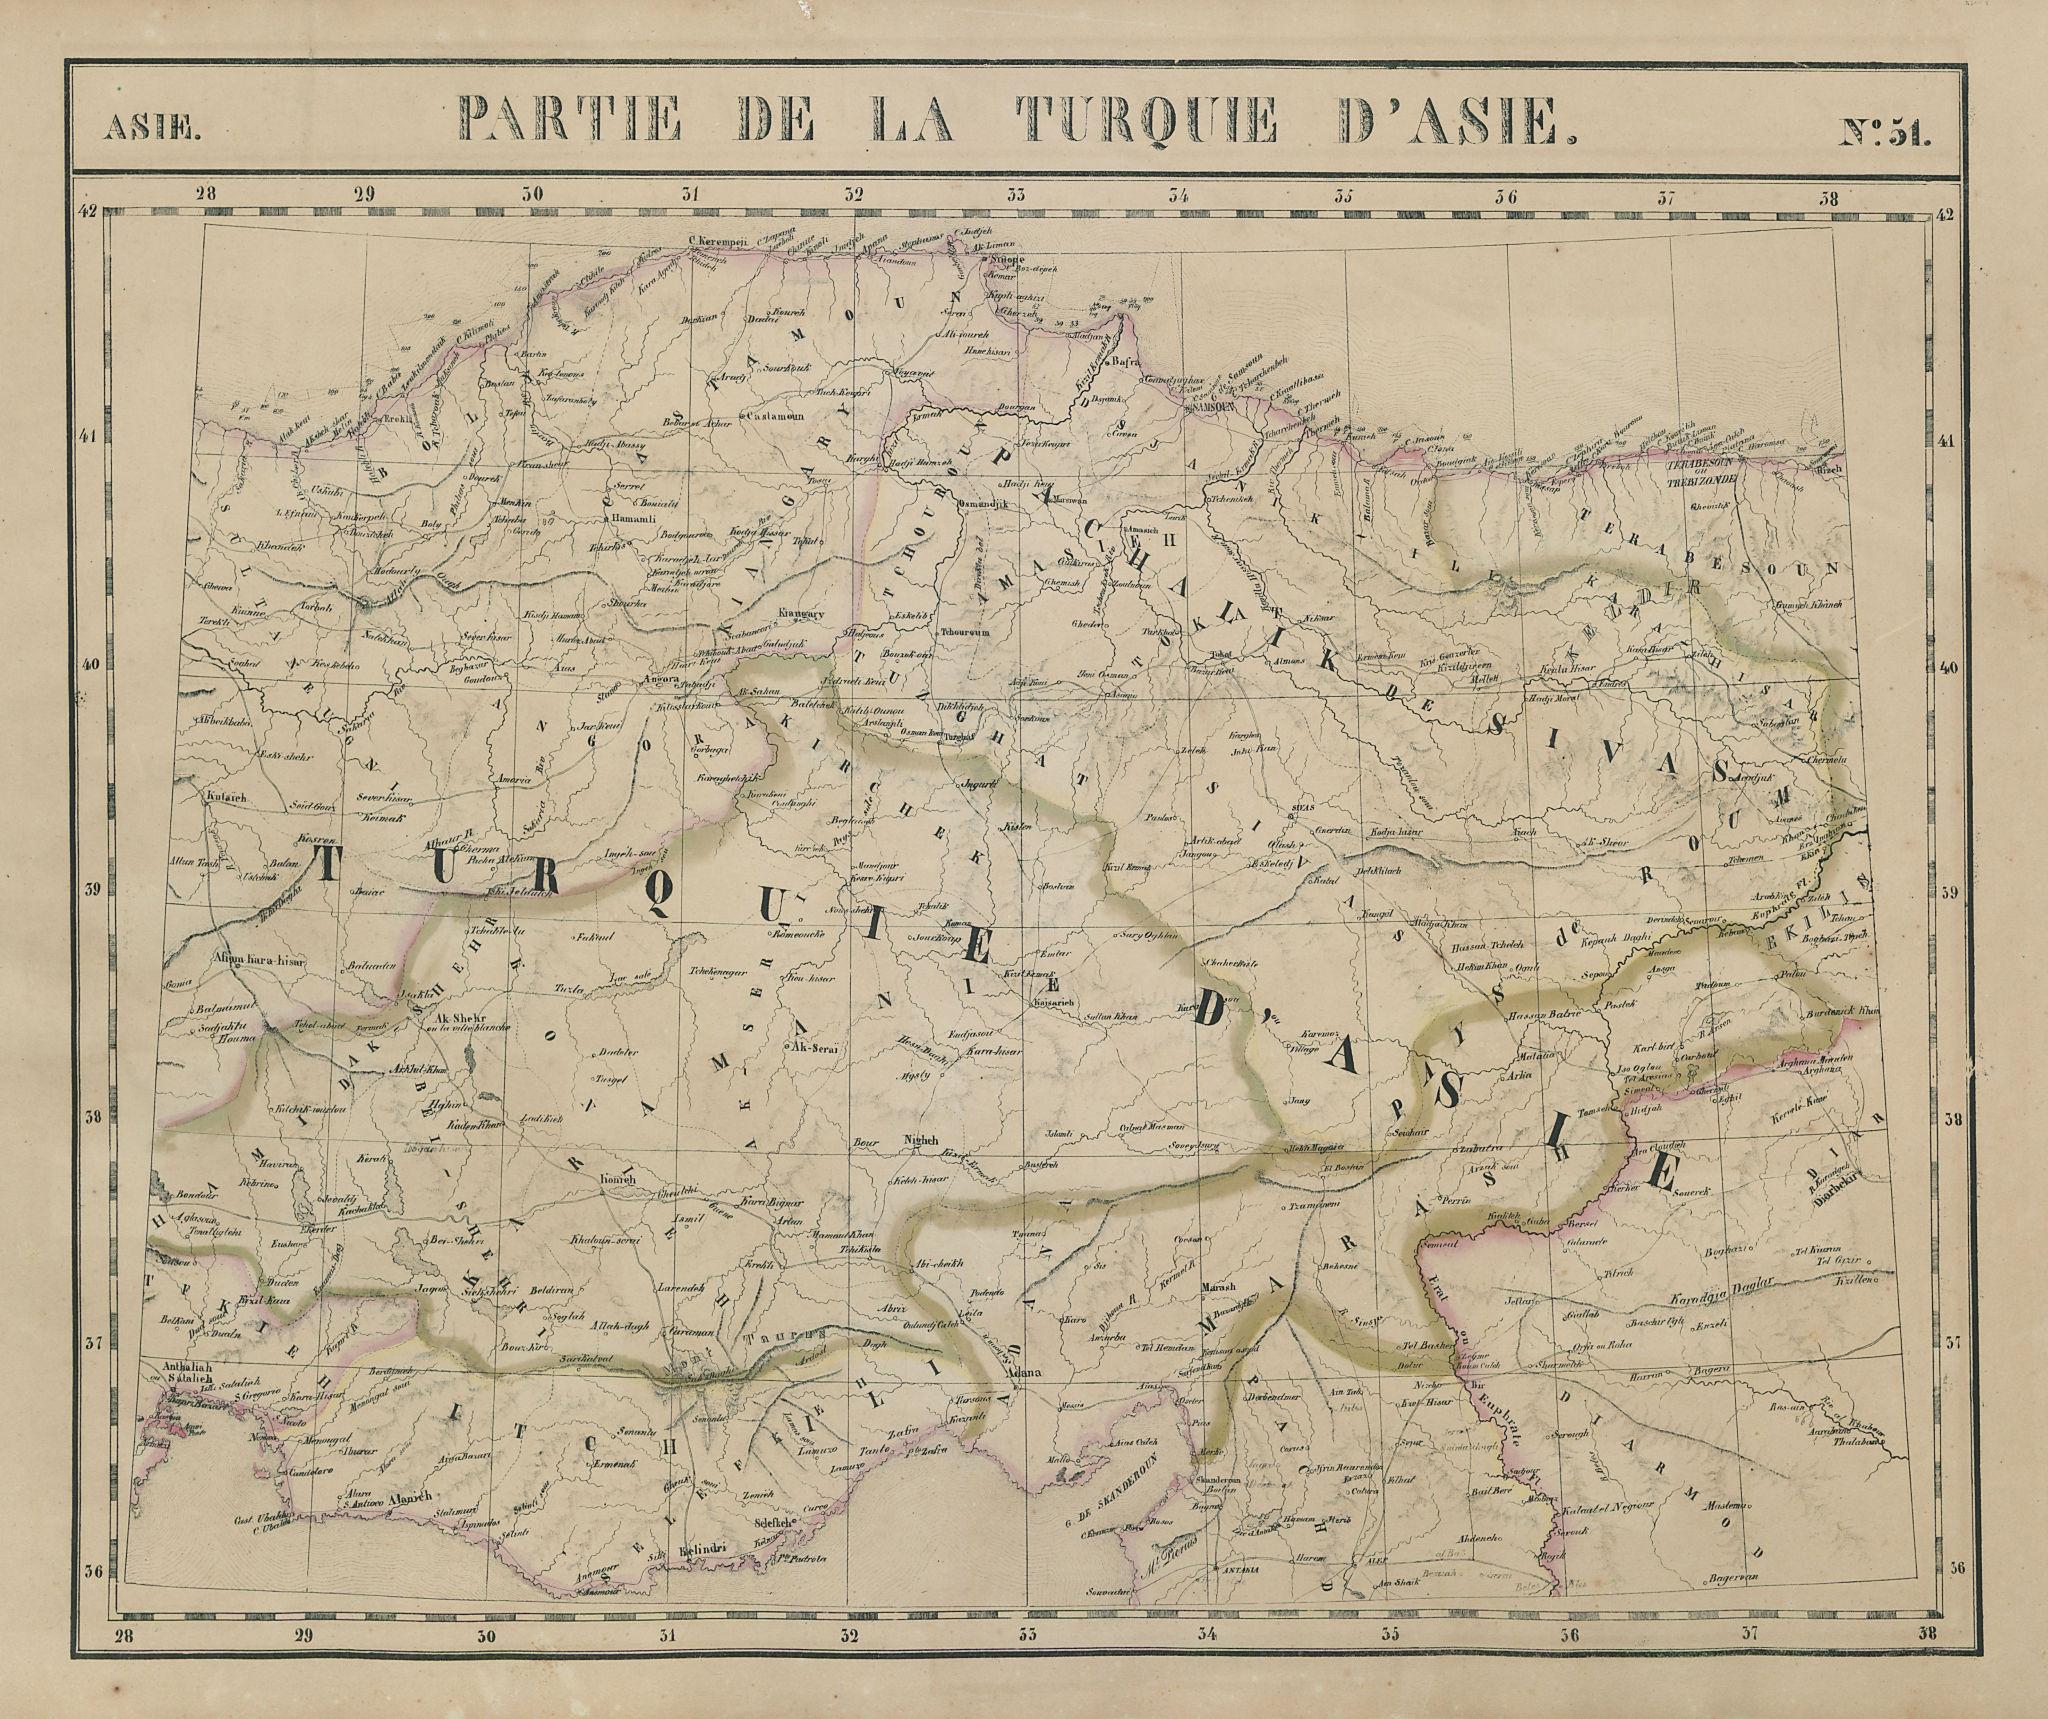 Asie. Partie… Turquie d'Asie #51 Central Turkey. NW Syria. VANDERMAELEN 1827 map